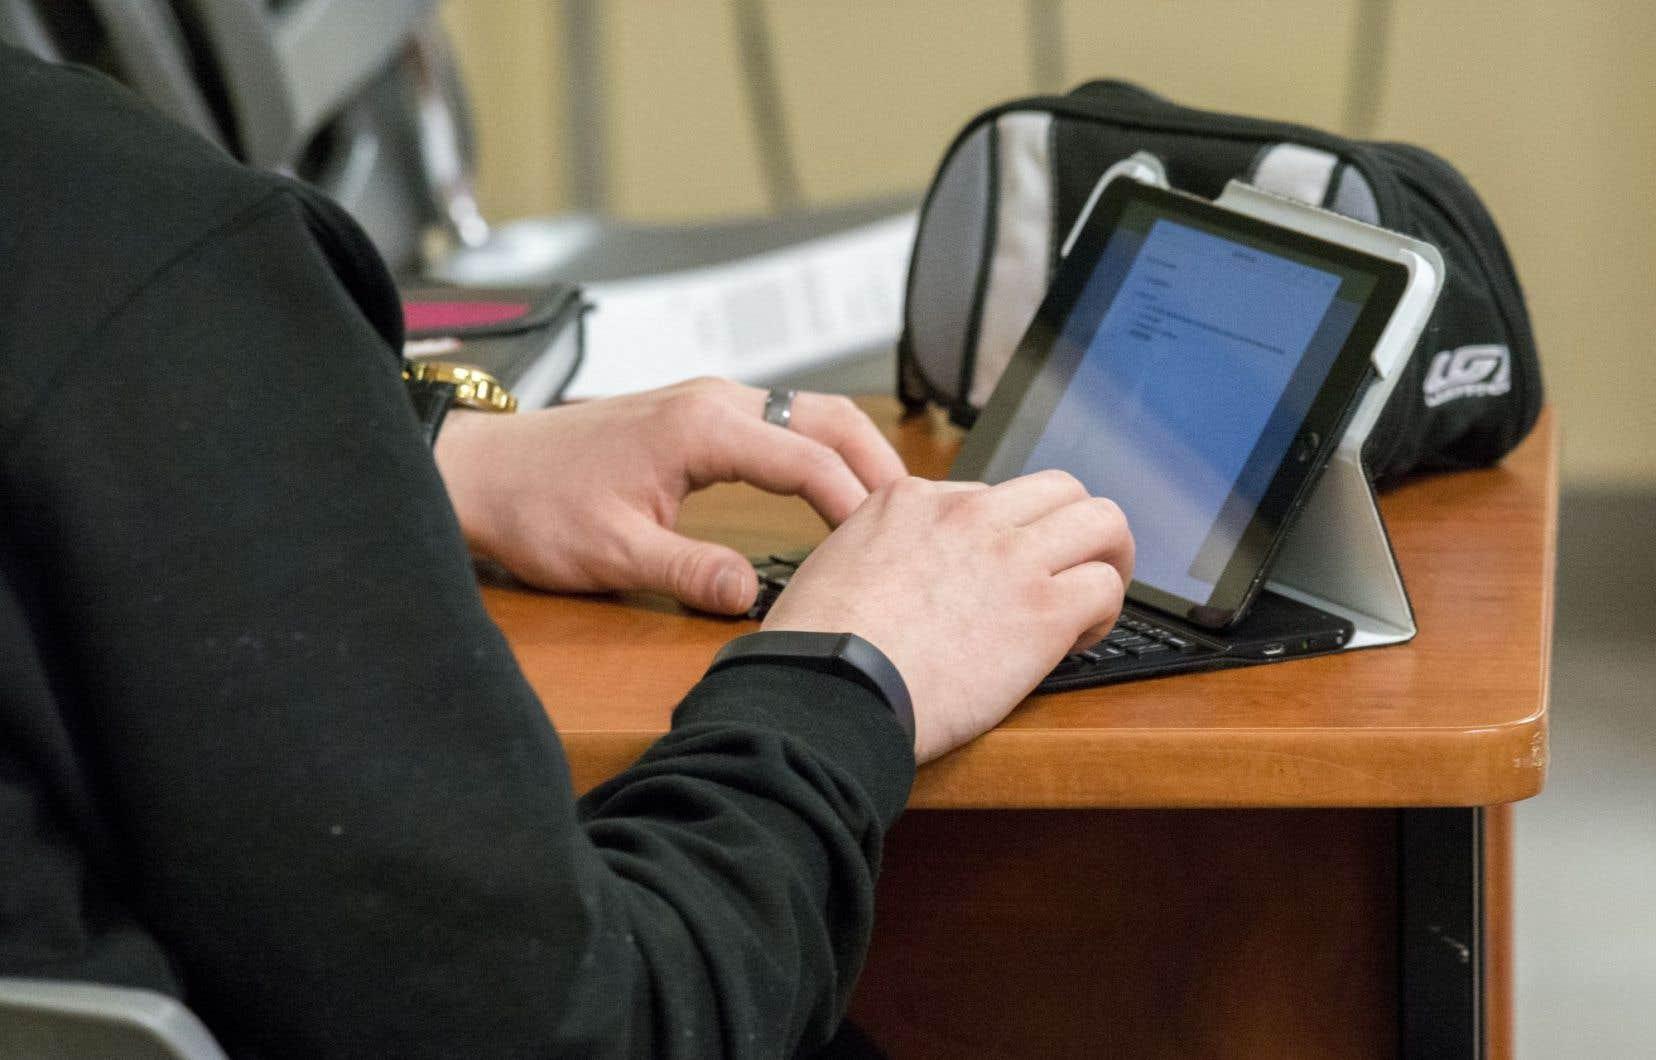 La première phase de la loi canadienne anti-pourriel, qui s'attaque aux courriels non sollicités, est entrée en vigueur l'été dernier.<br />